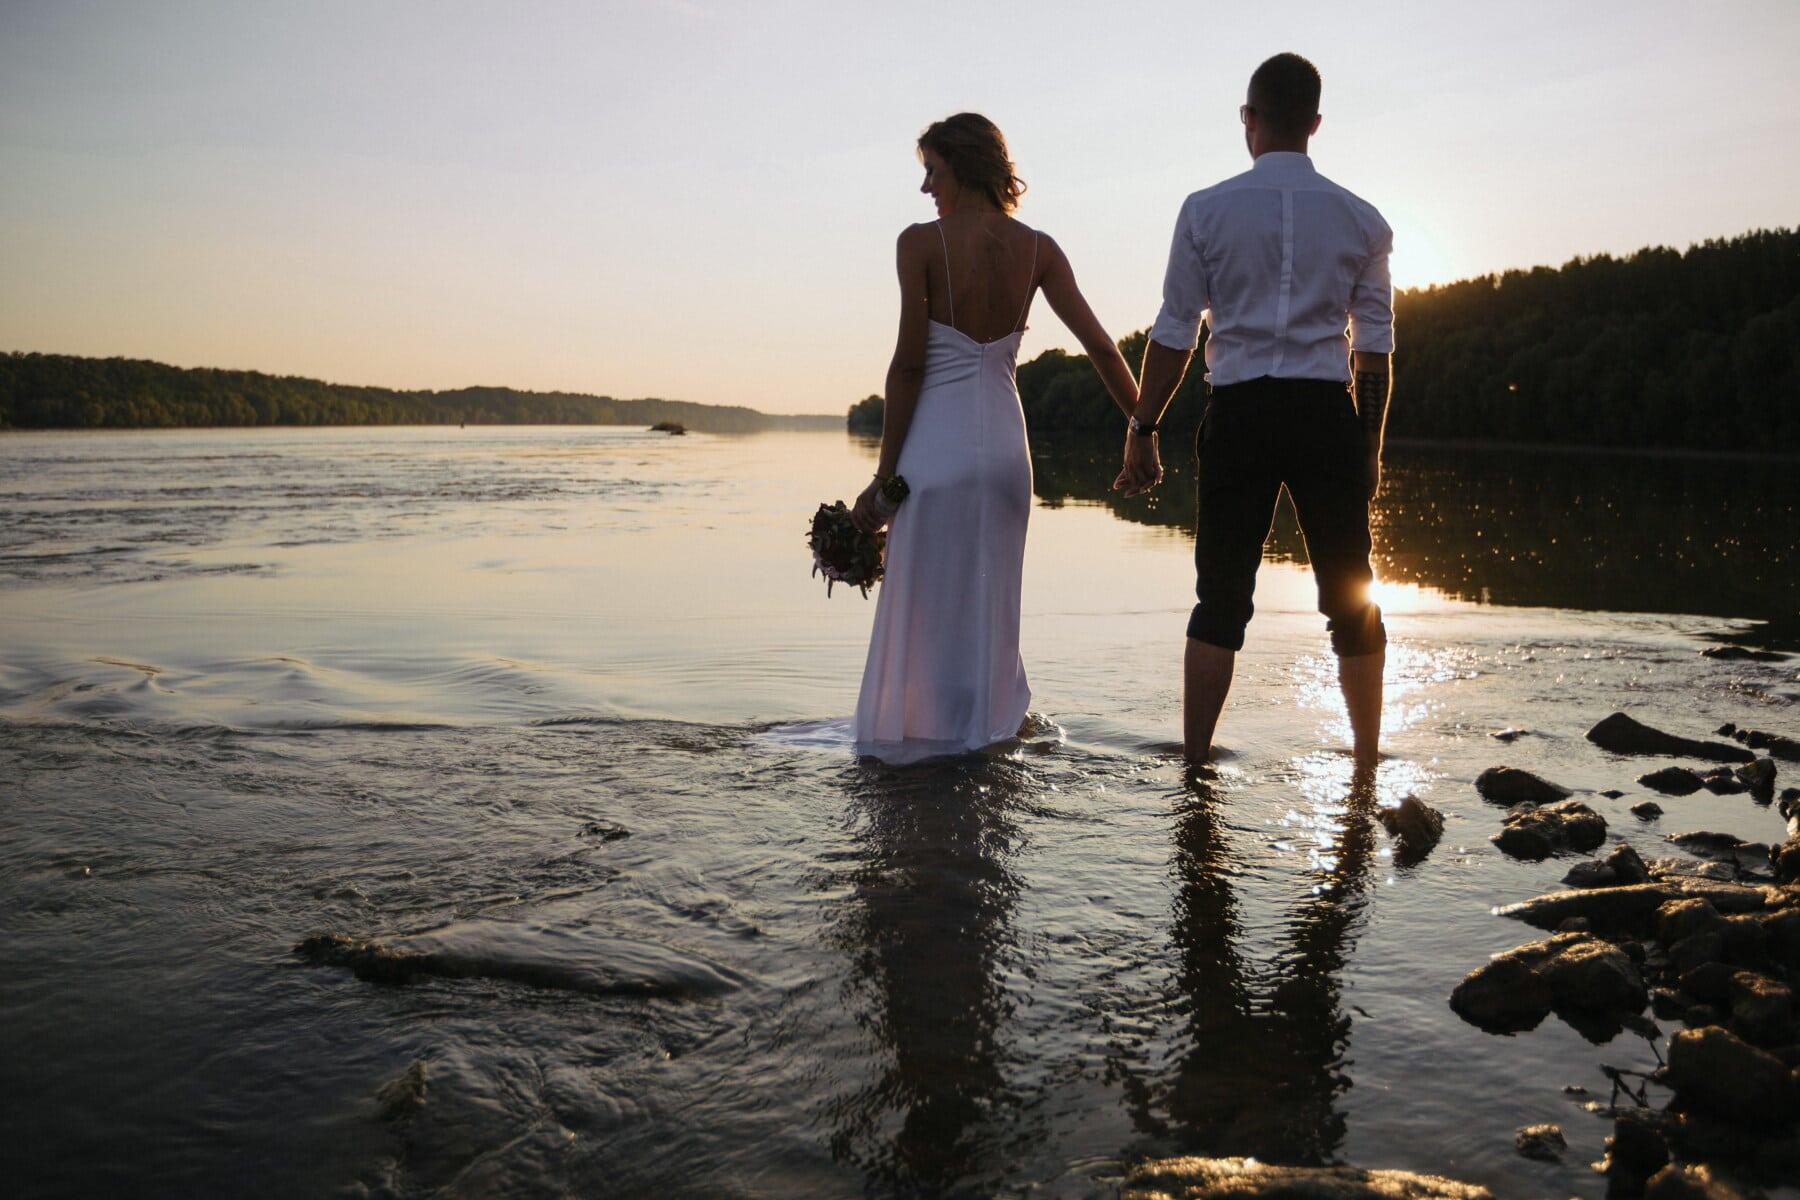 Ehefrau, Händchen halten, Mann, junge, frisch verheiratet, 'Nabend, Sonnenuntergang, Panorama, Flussufer, Liebe